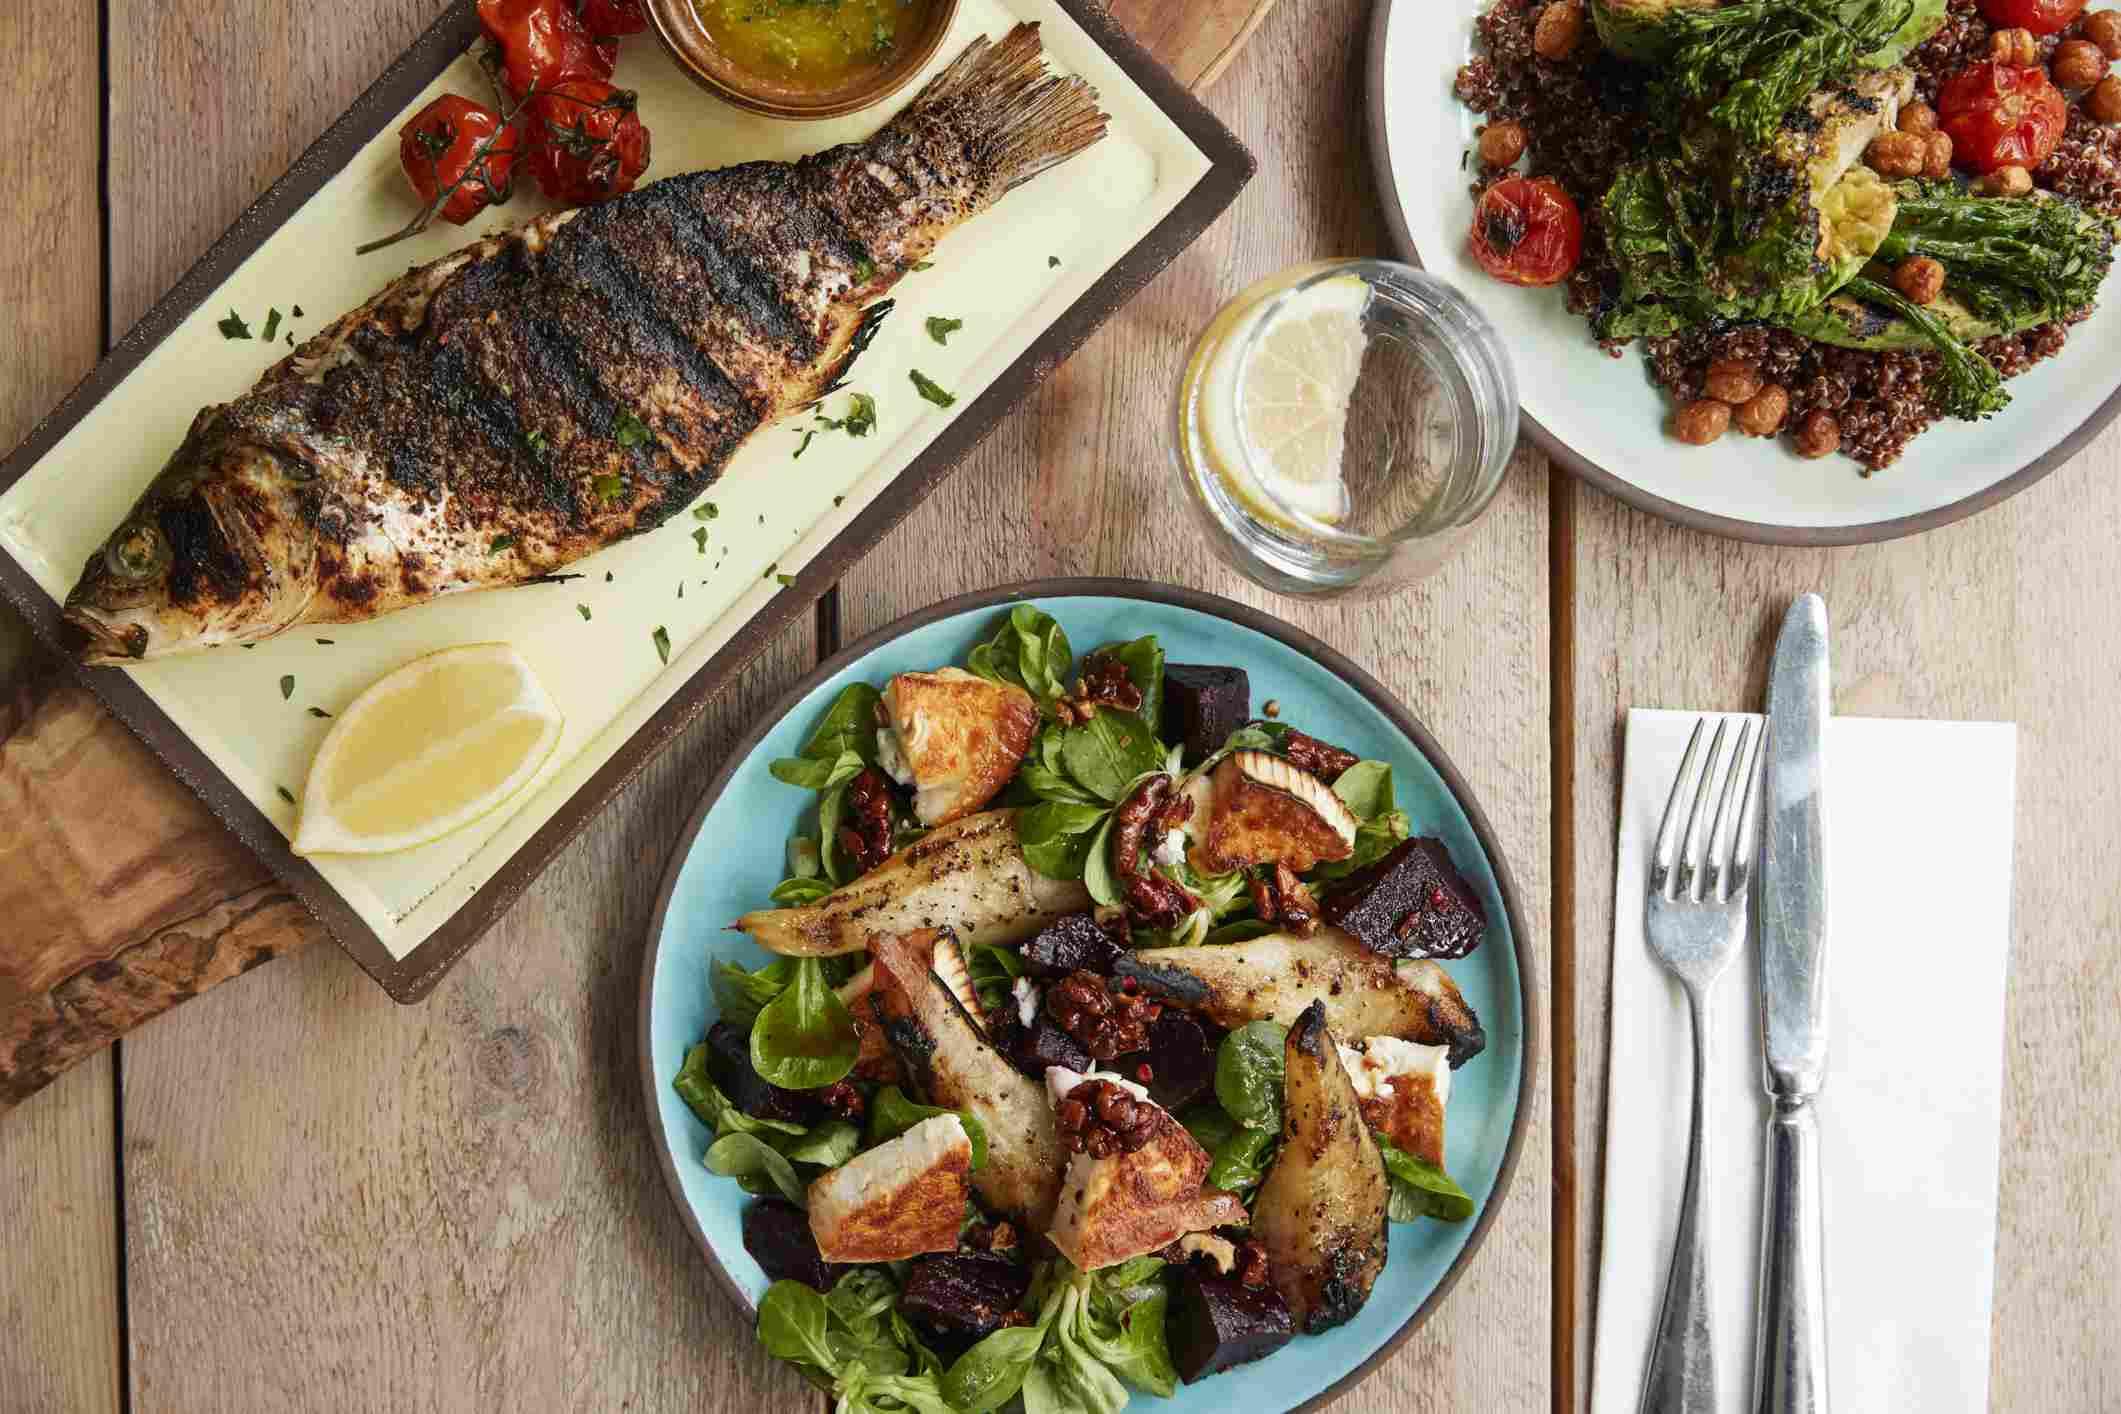 Tabla de dieta mediterránea con pescado, ensalada y verduras.